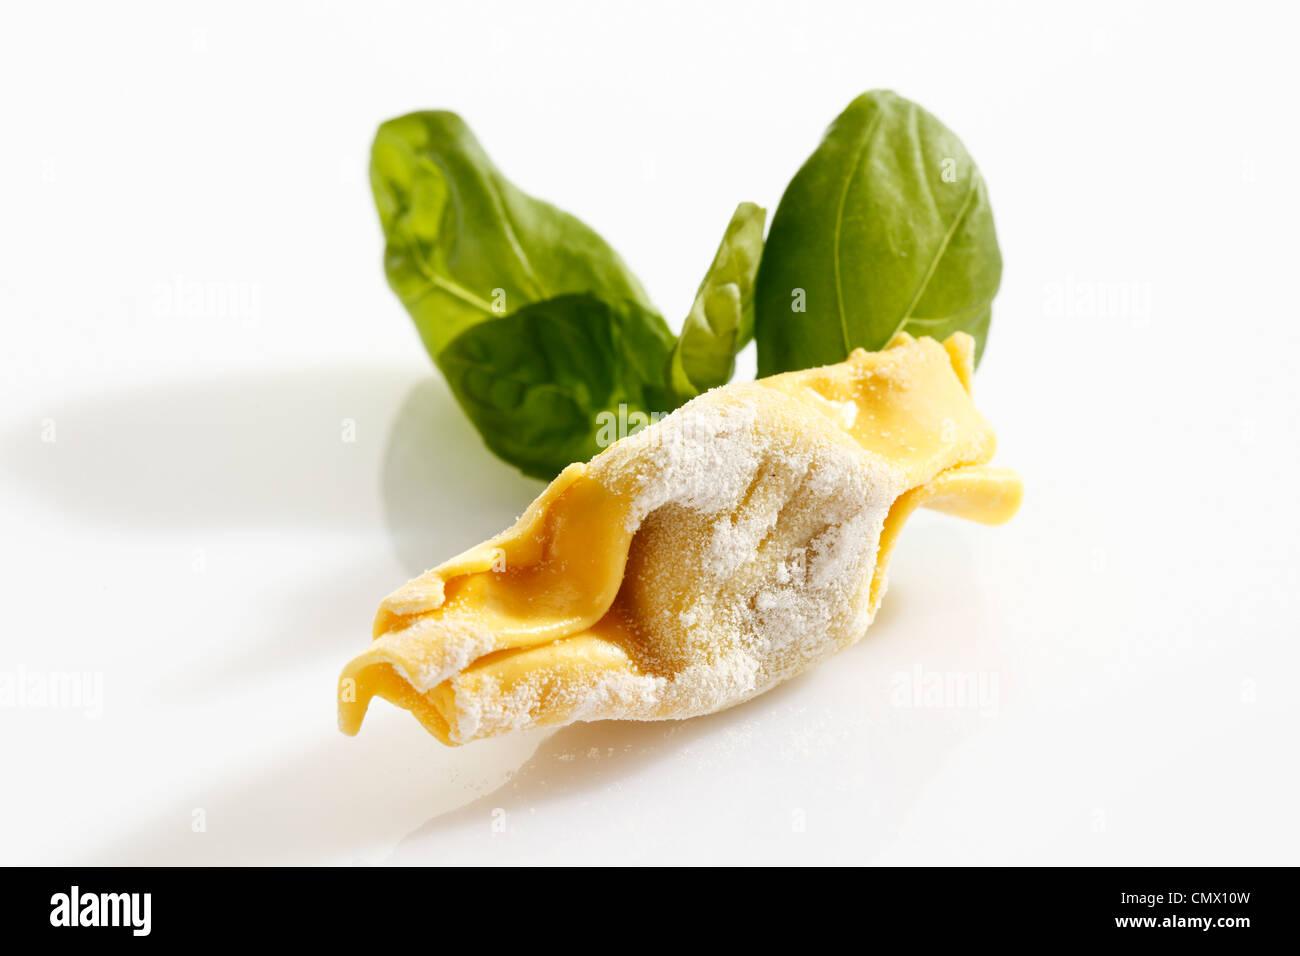 Candy-Form-Nudeln mit Riceflour und Basilikum Blatt auf weißem Hintergrund Stockbild